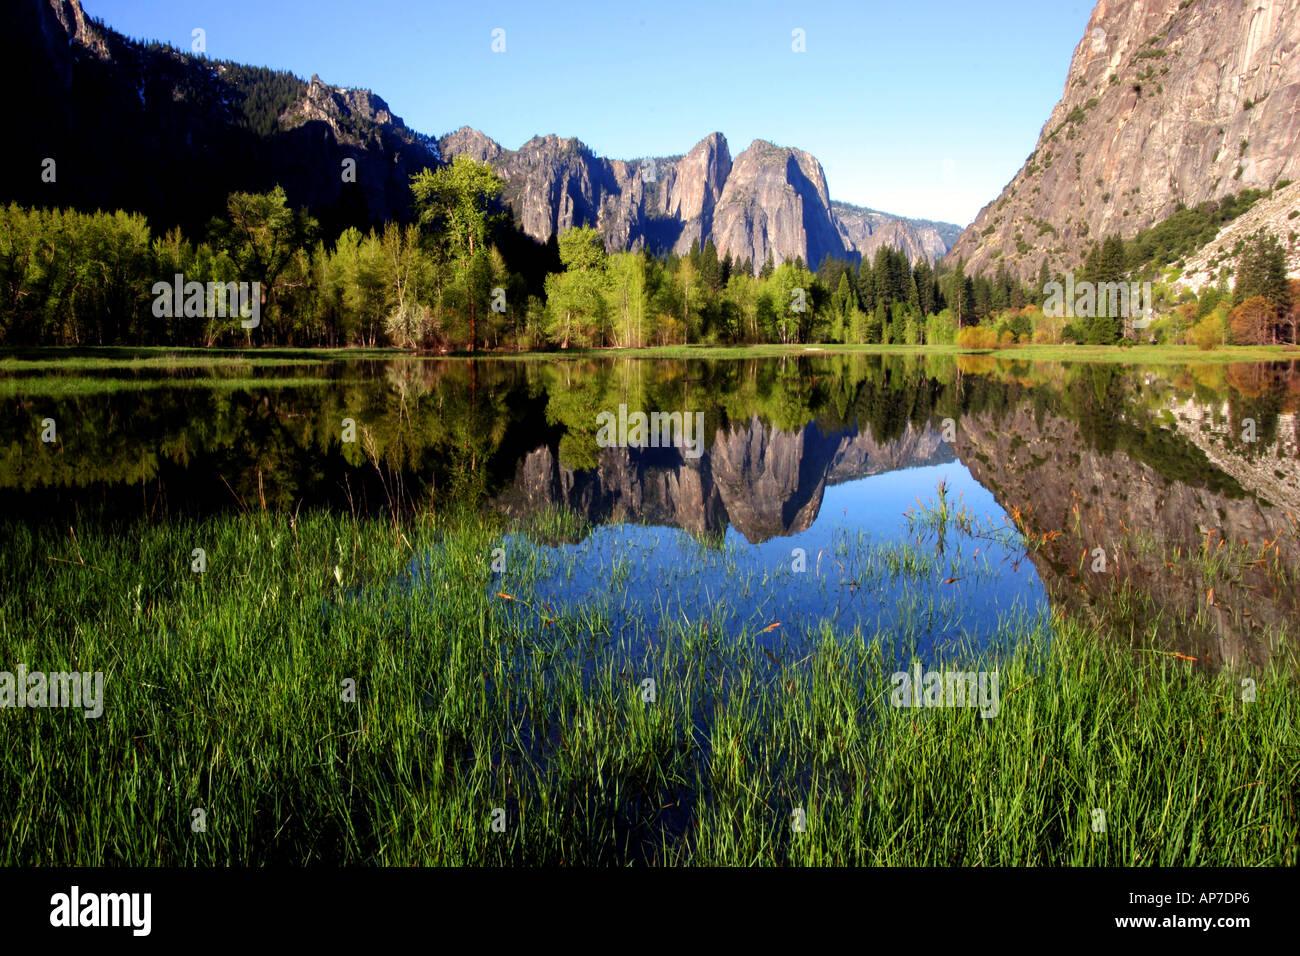 Réflexion pré leidig, Yosemite National Park Banque D'Images